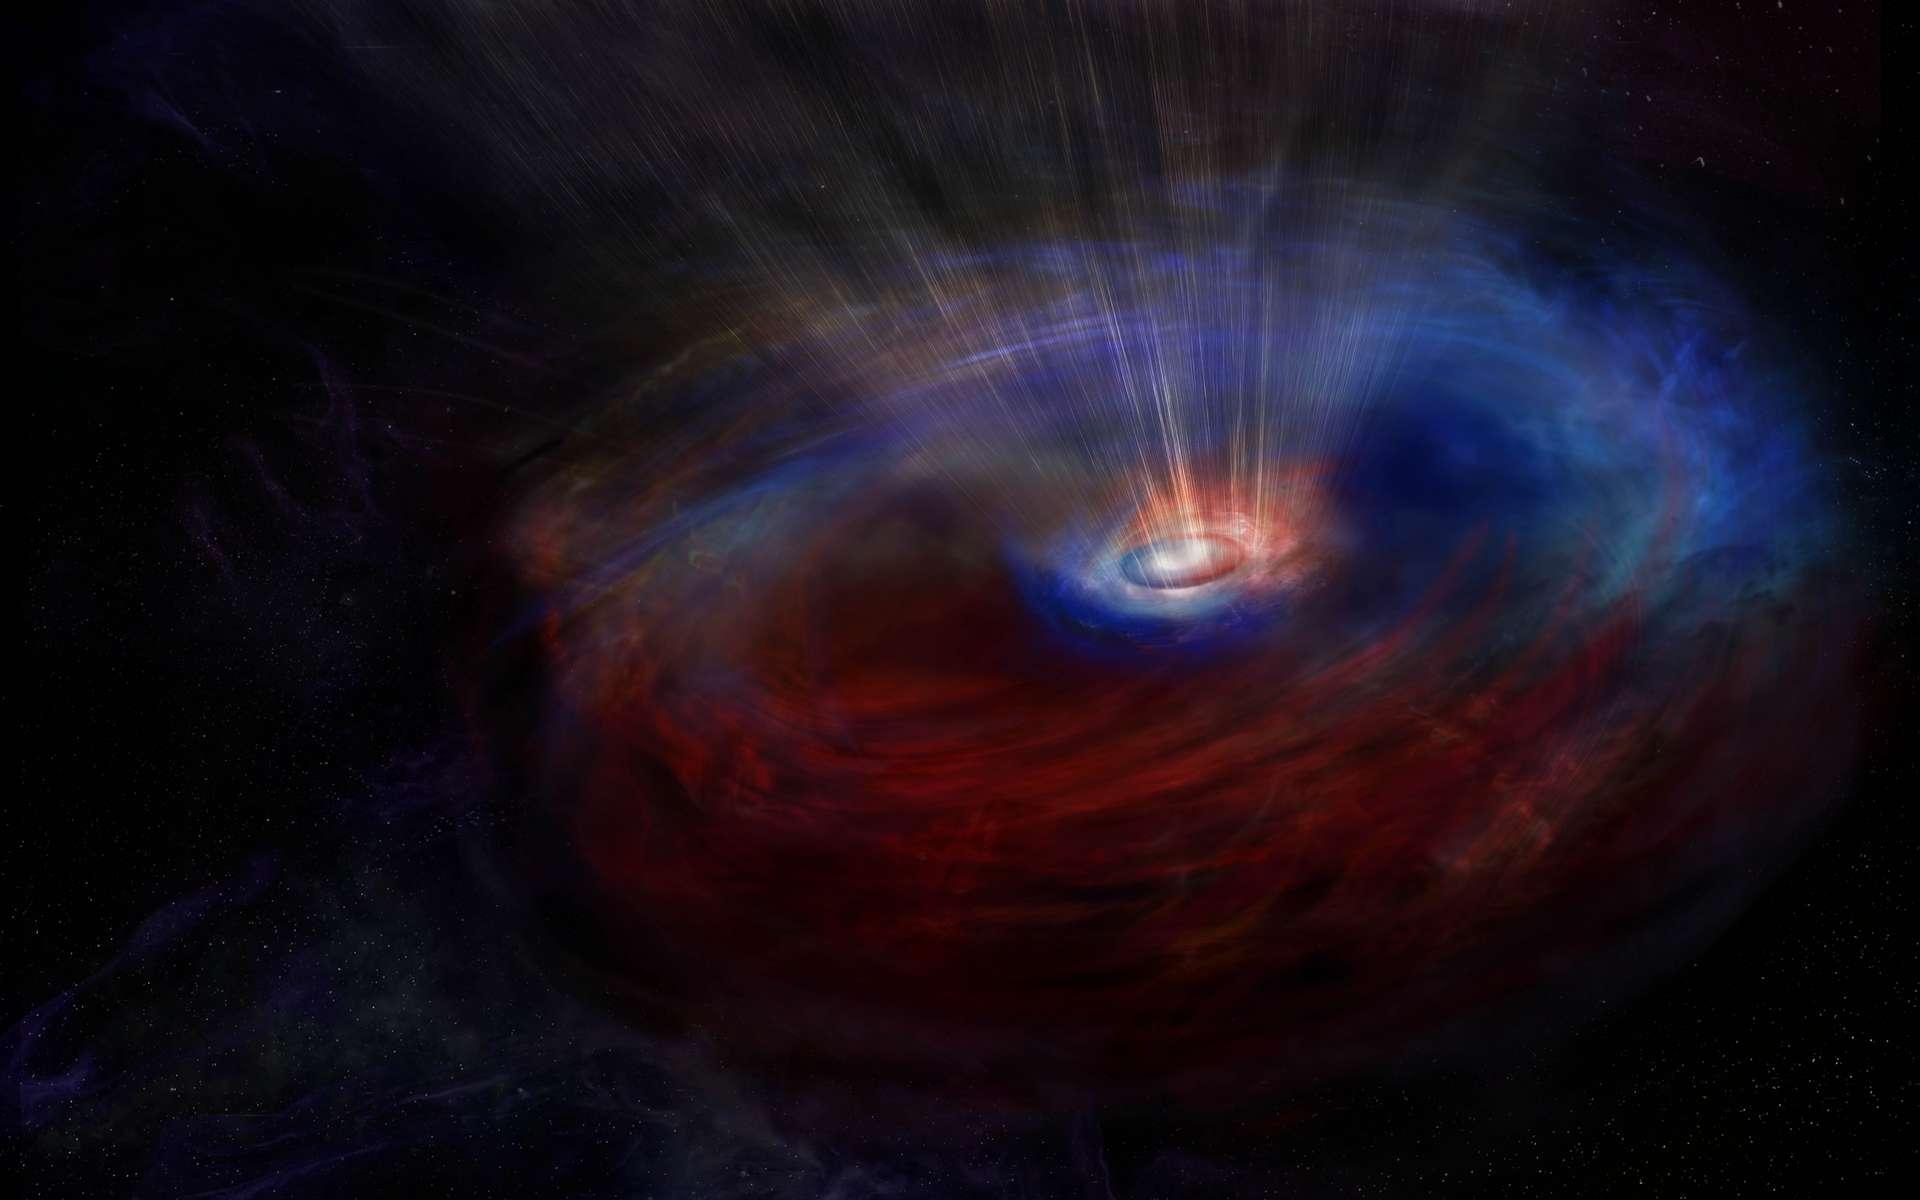 Impression d'artiste du cœur de la galaxie NGC 1068, qui abrite un trou noir supermassif en train de se nourrir activement, caché par un épais nuage de poussière et de gaz en forme de tore. Alma a découvert deux flux de gaz en contre-rotation autour du trou noir. Les couleurs de cette image représentent le mouvement du gaz : le bleu signale le gaz qui se déplace vers nous, le rouge celui qui s'éloigne. © NRAO / AUI / NSF, S. Dagnello